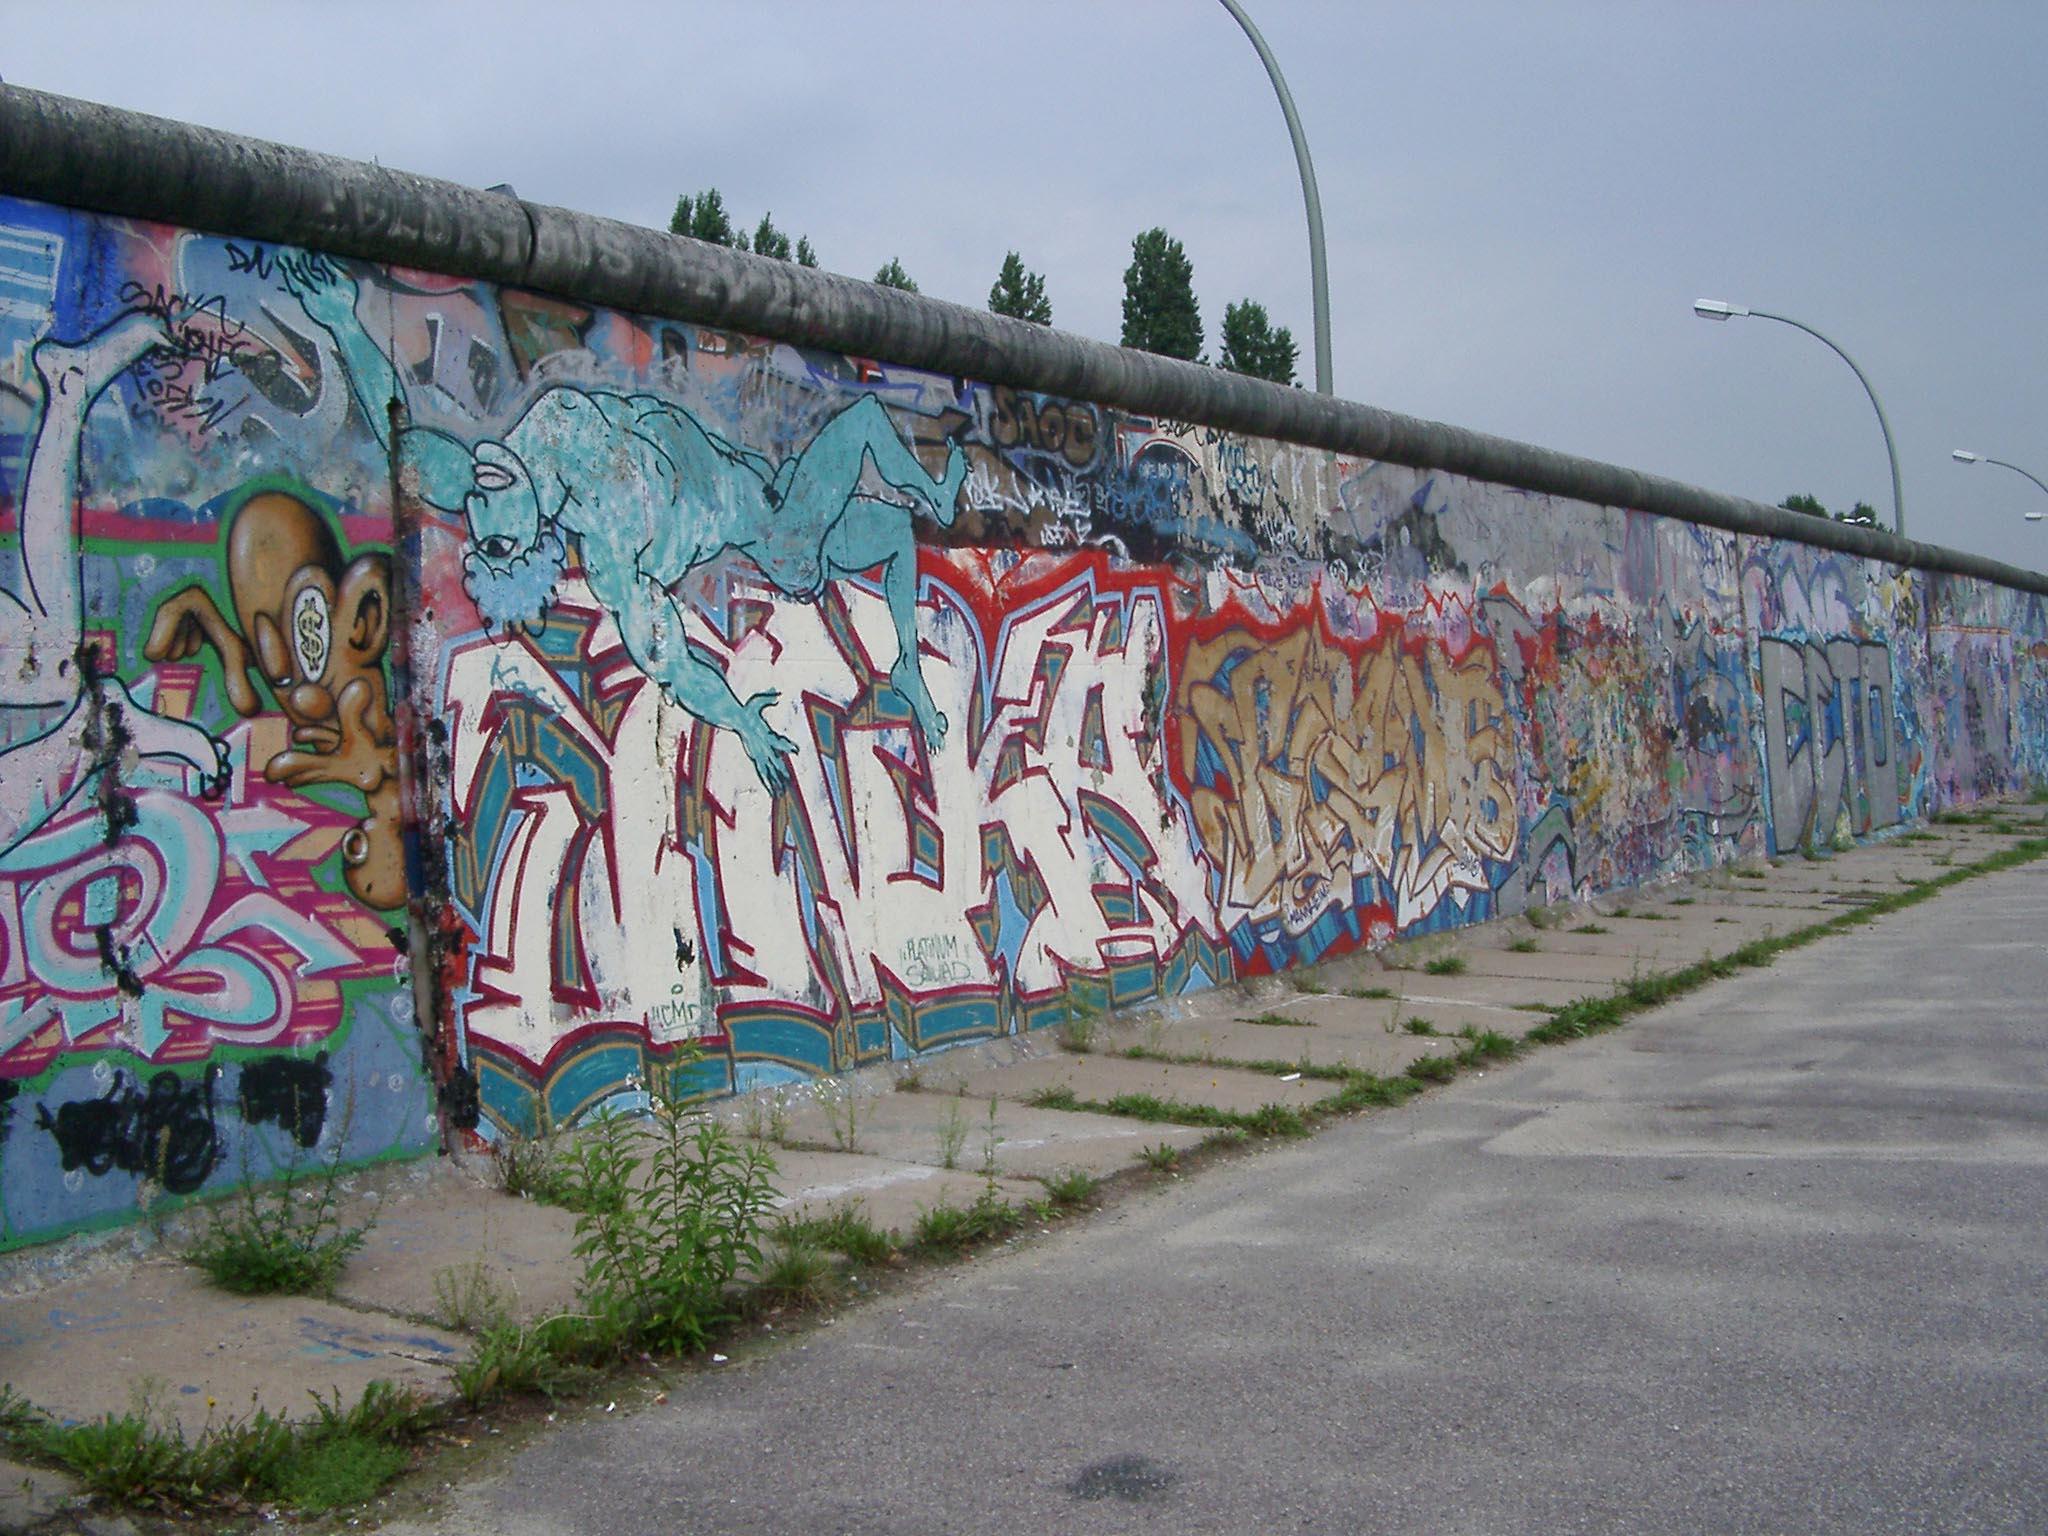 Berlin wall scrawl east berlin germany graffiti graphitti graffiti